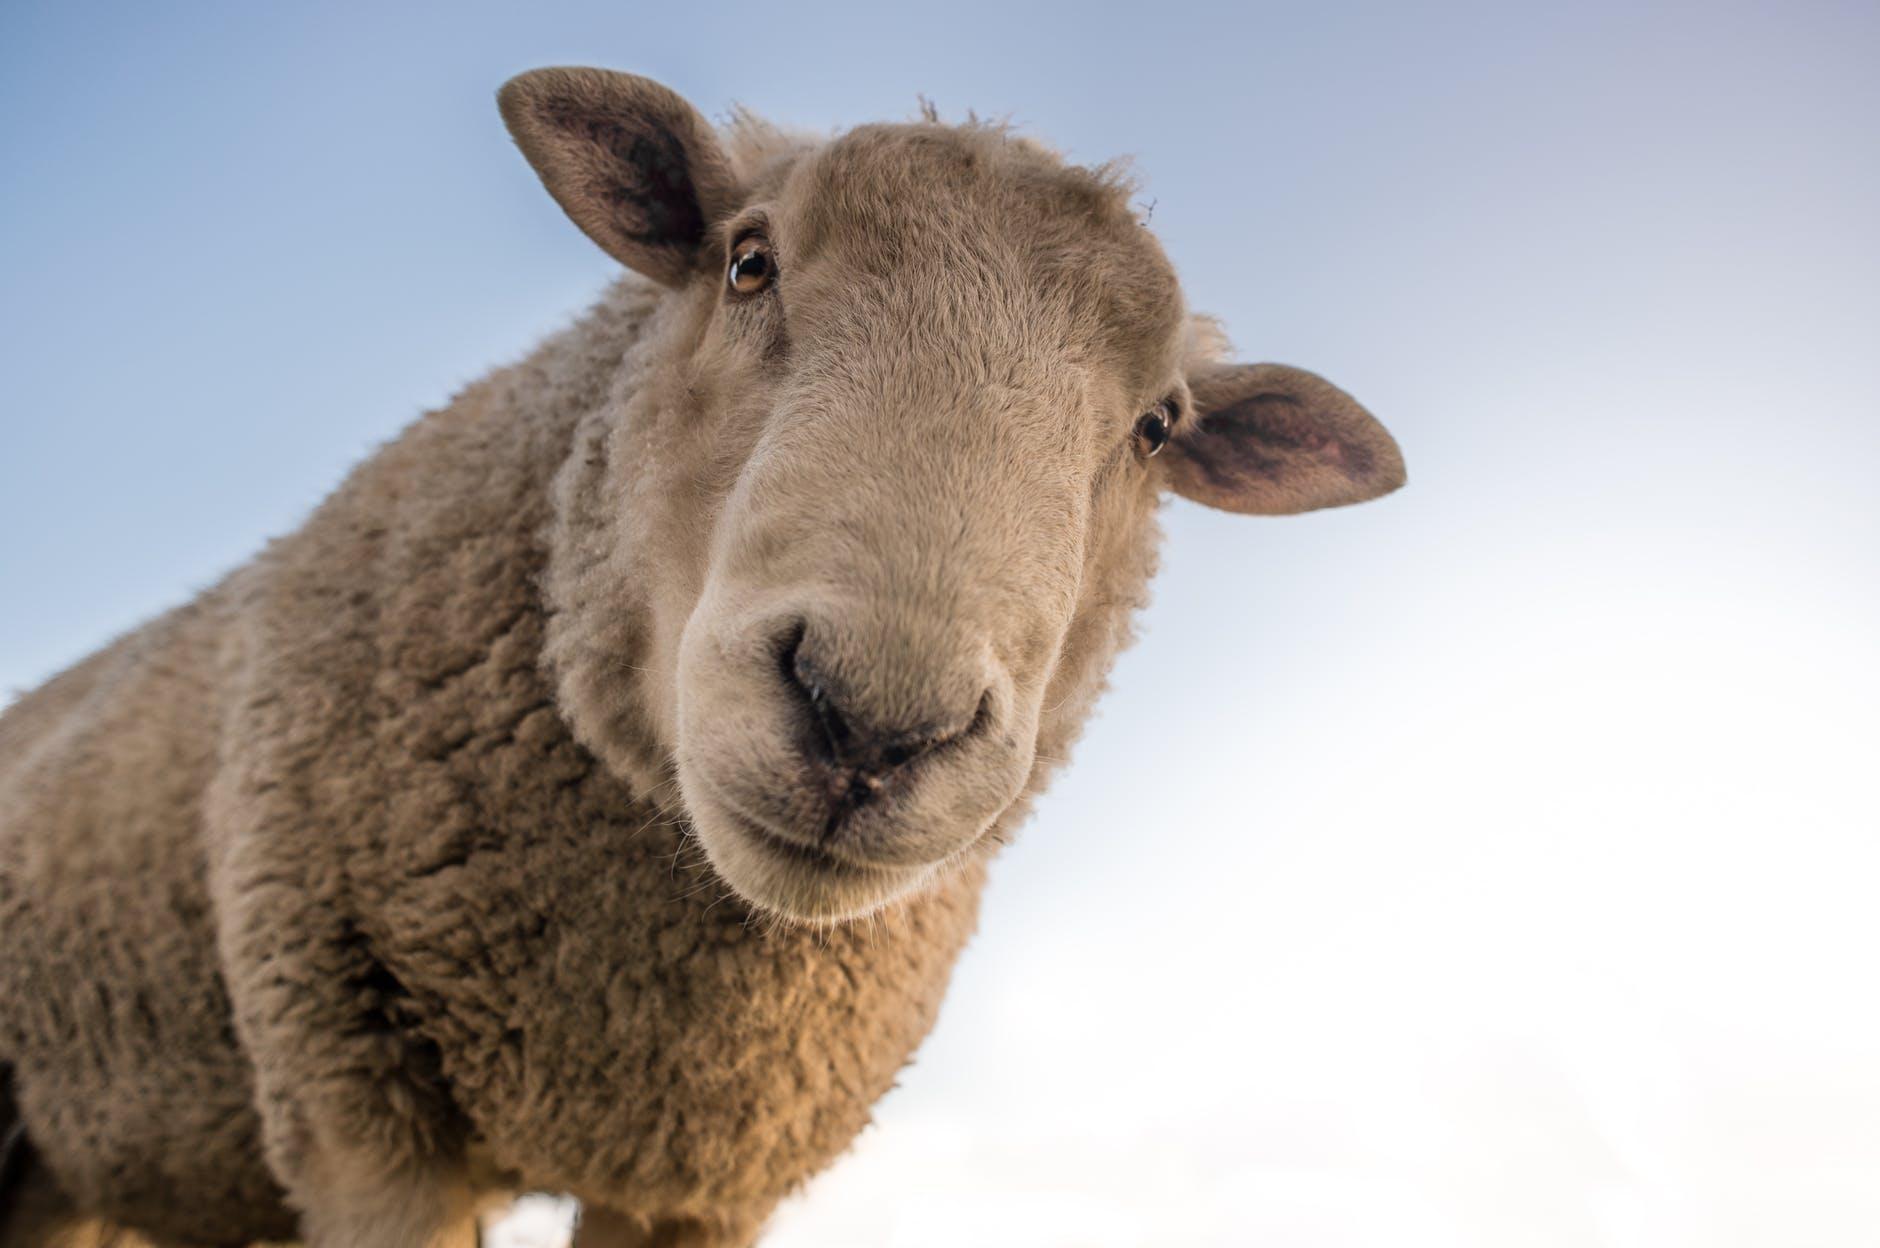 Ovce umí rozpoznávat obličeje na fotografiích.